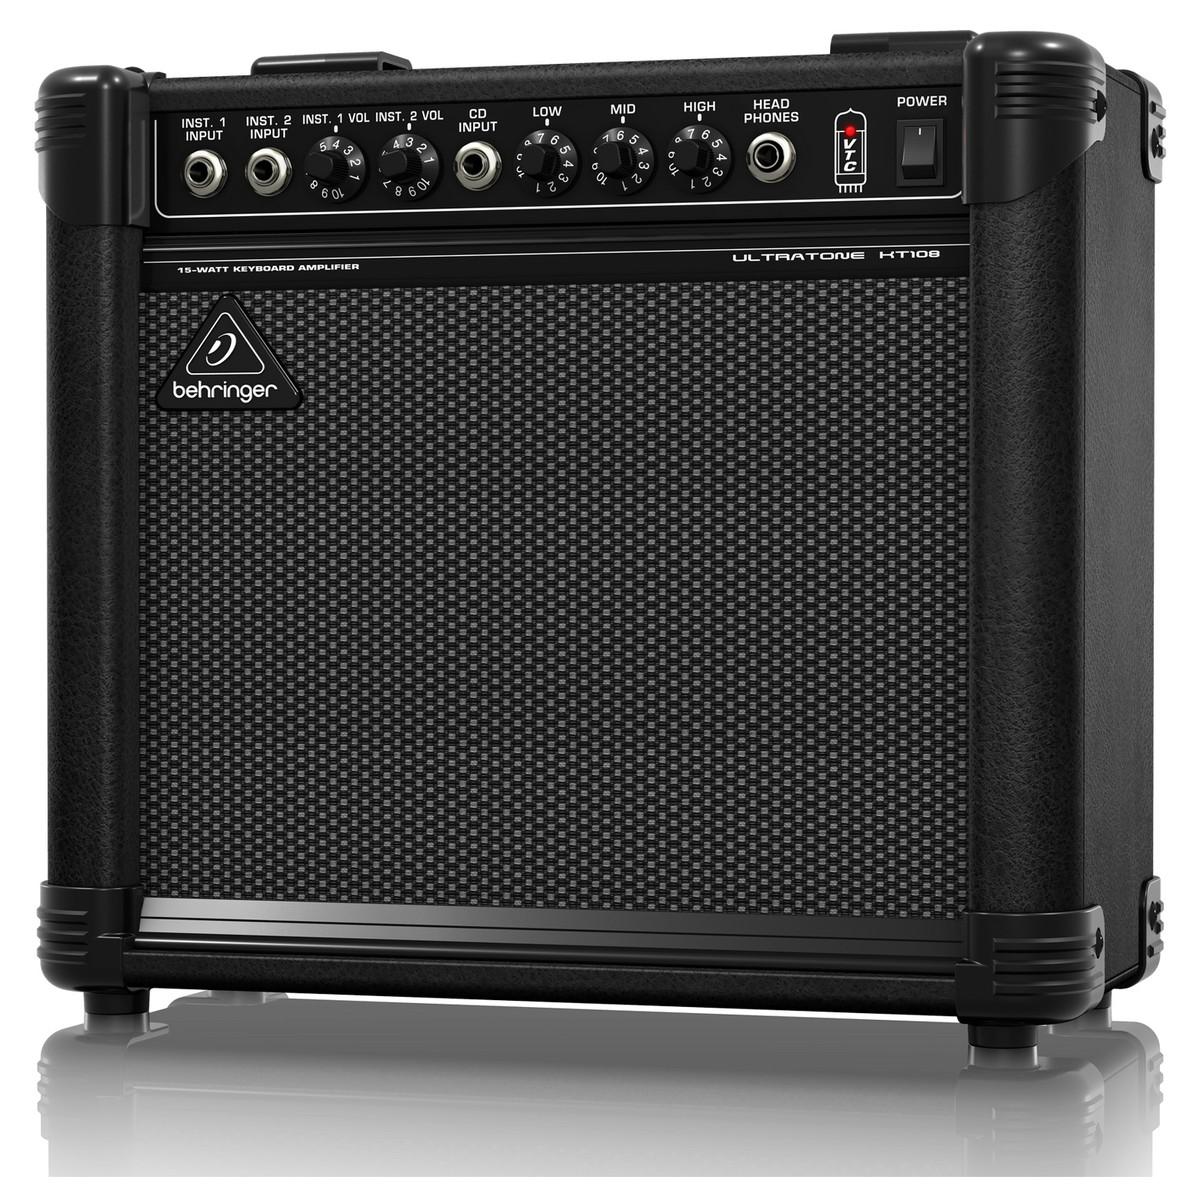 behringer kt108 ultra compact 15 watt keyboard amp at gear4music